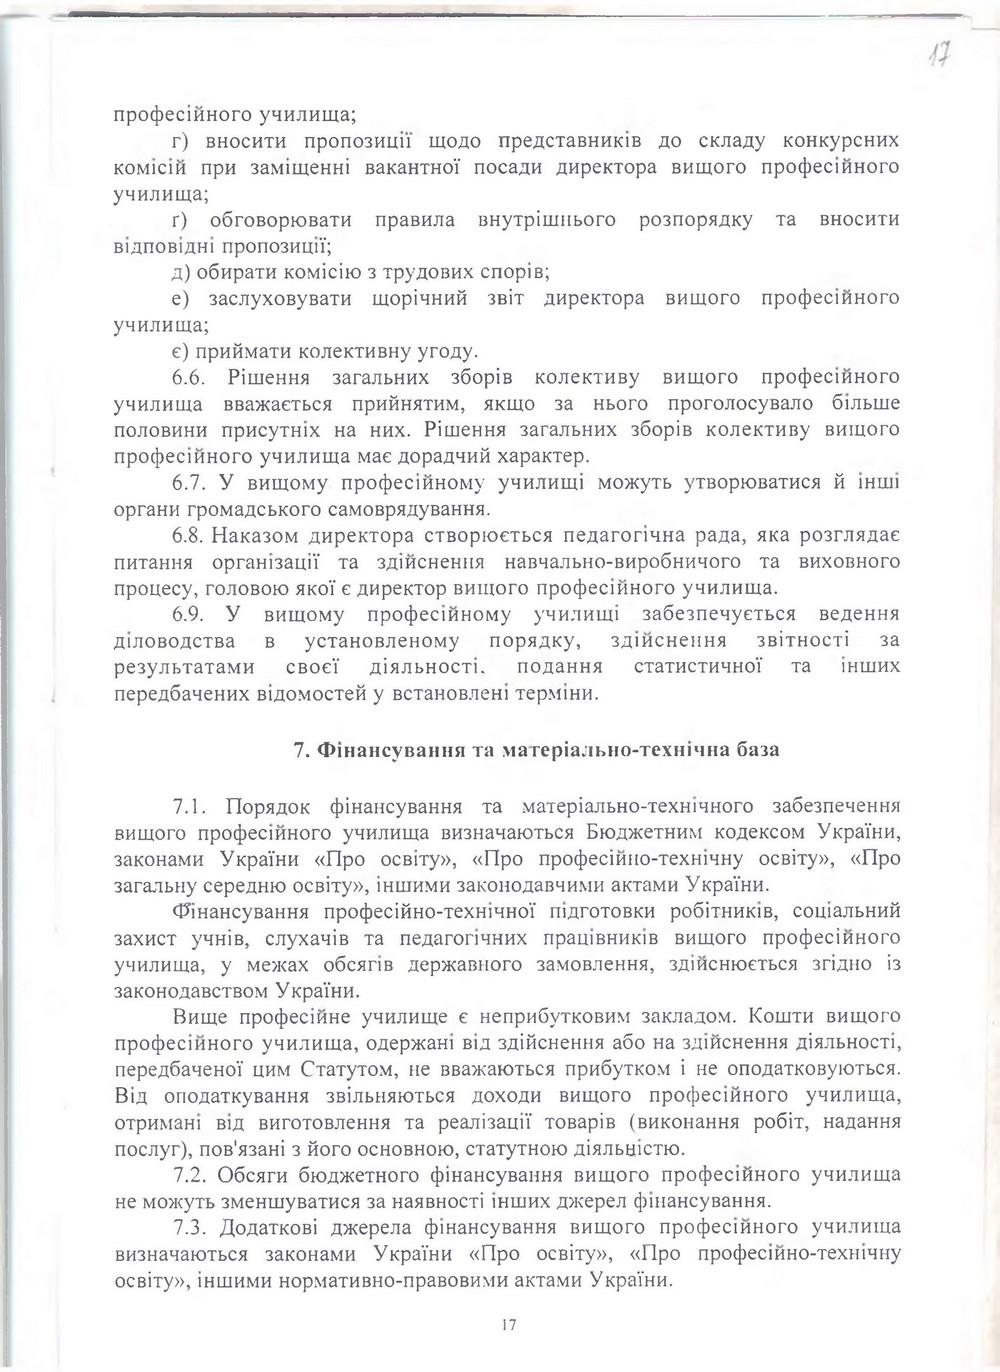 Статут_17